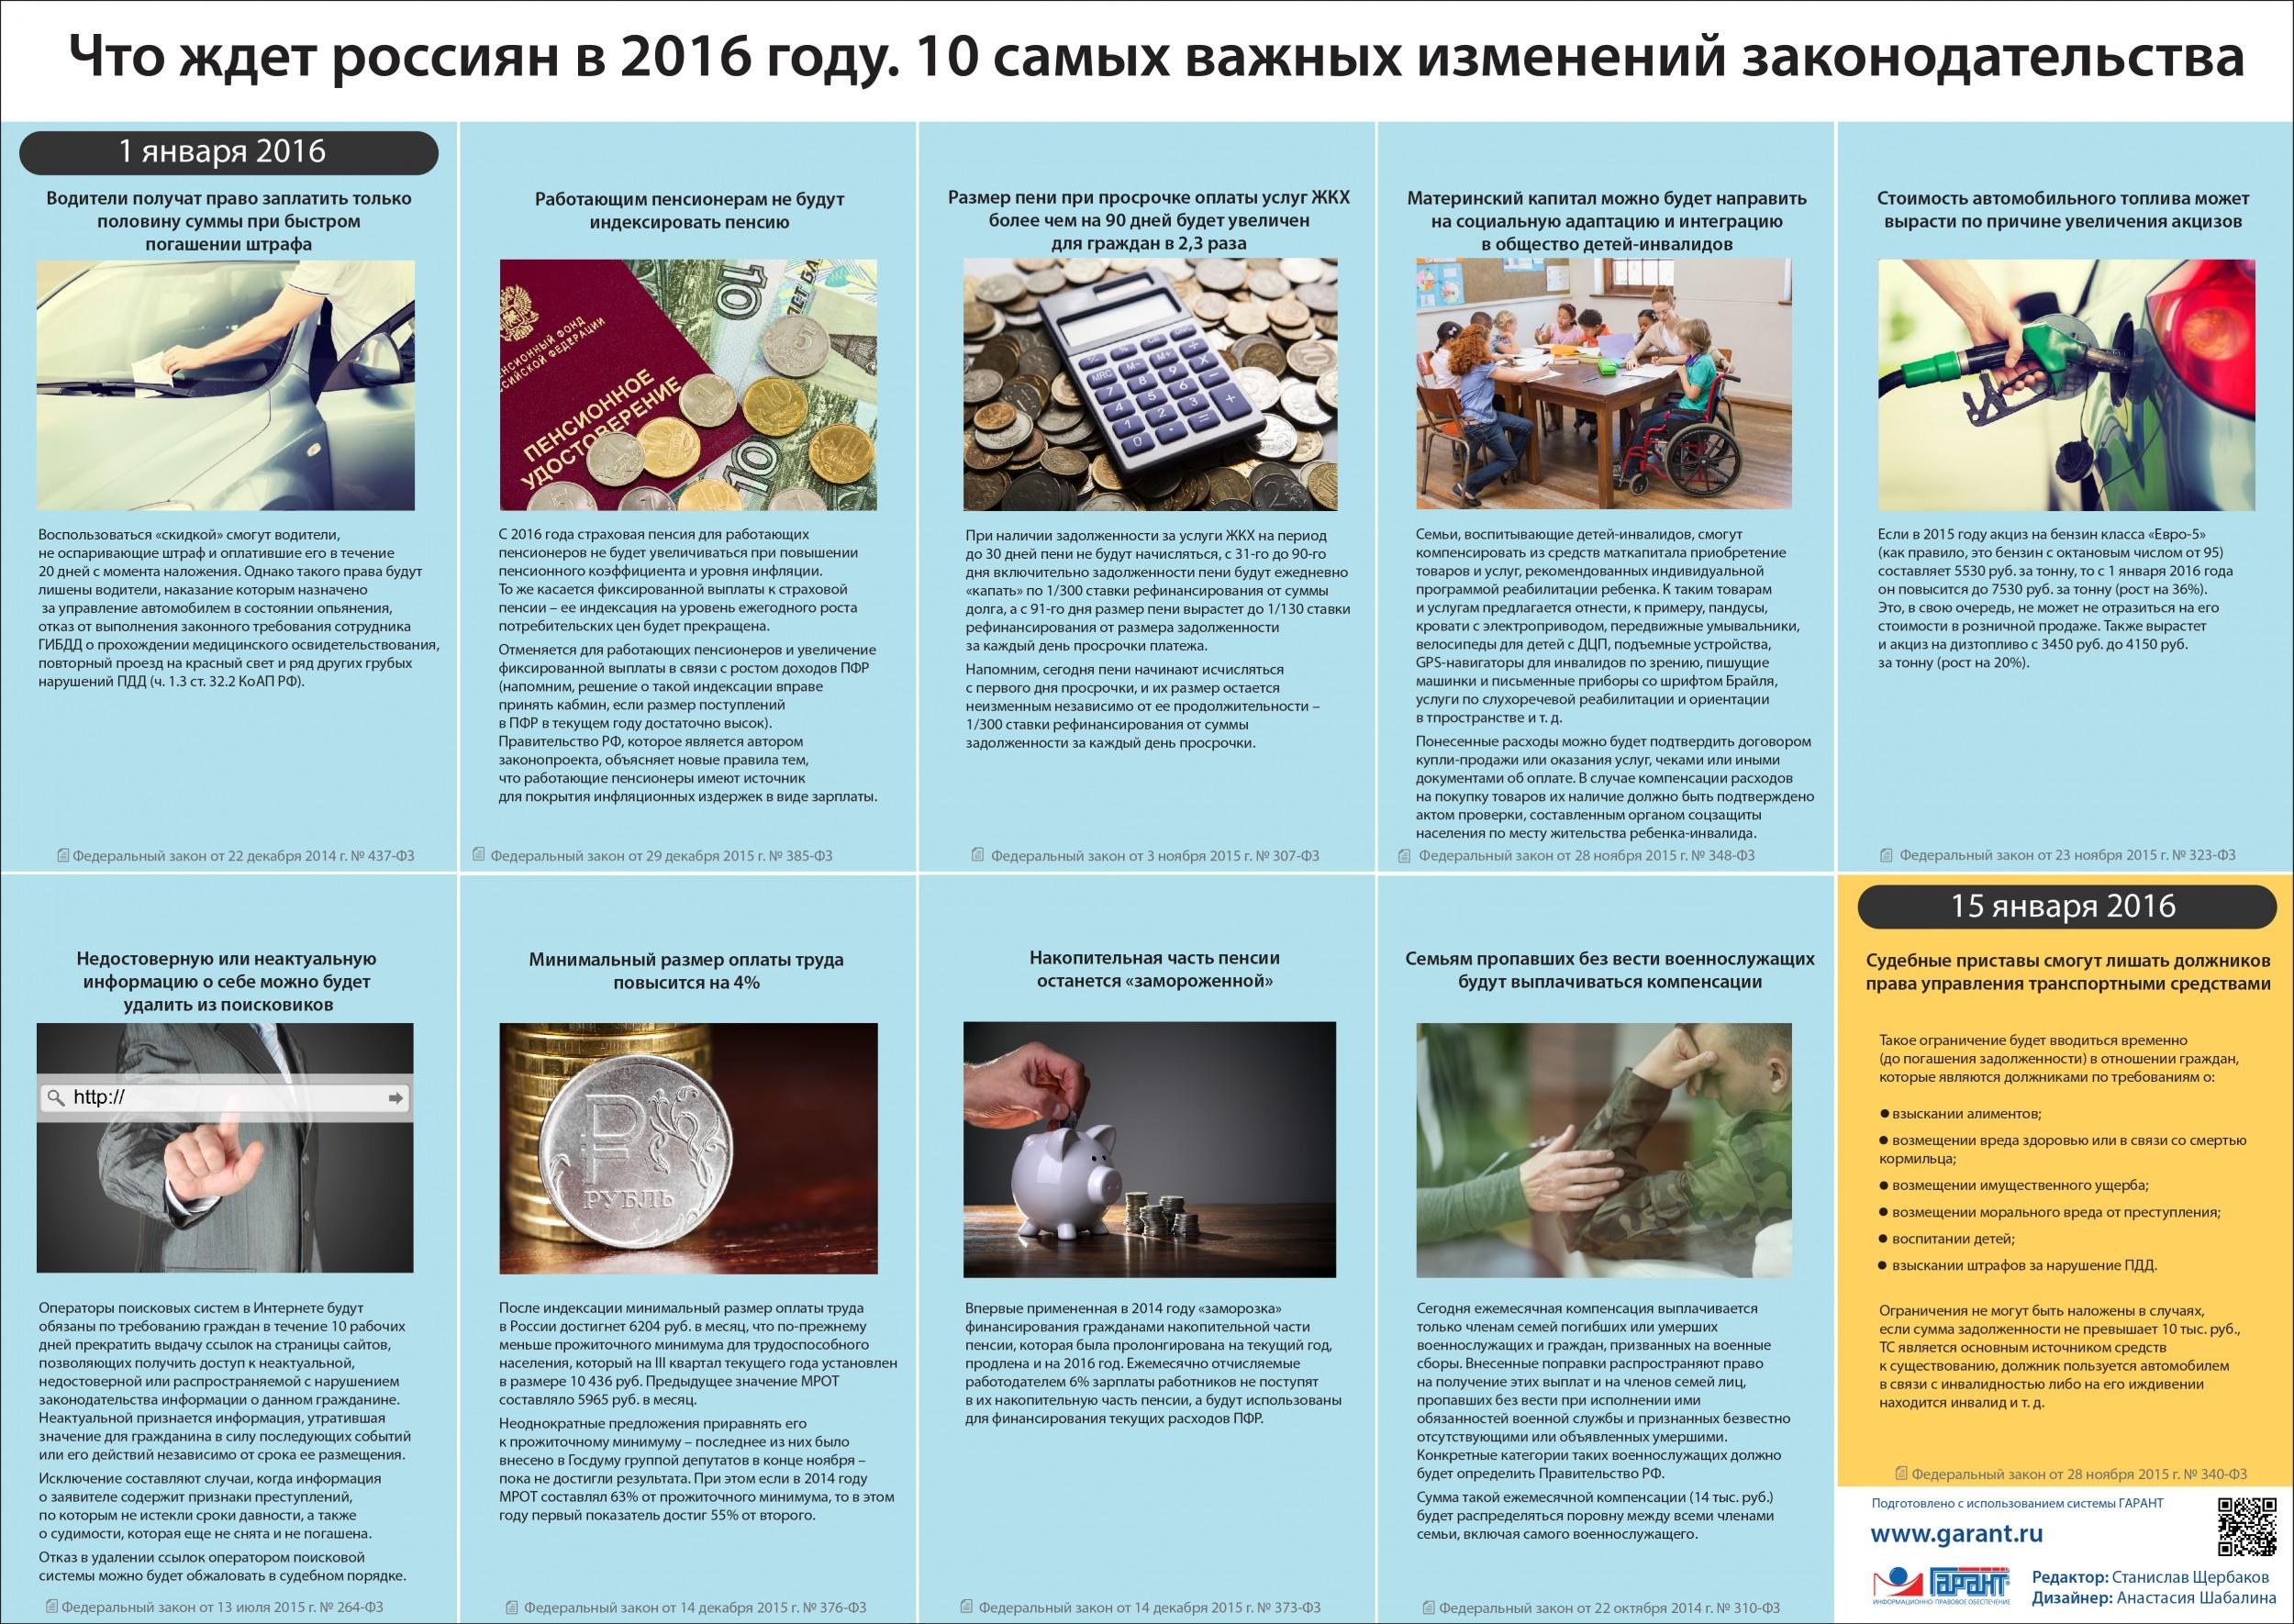 Что ждет россиян в 2016 году. 10 самых важных изменений законодательства